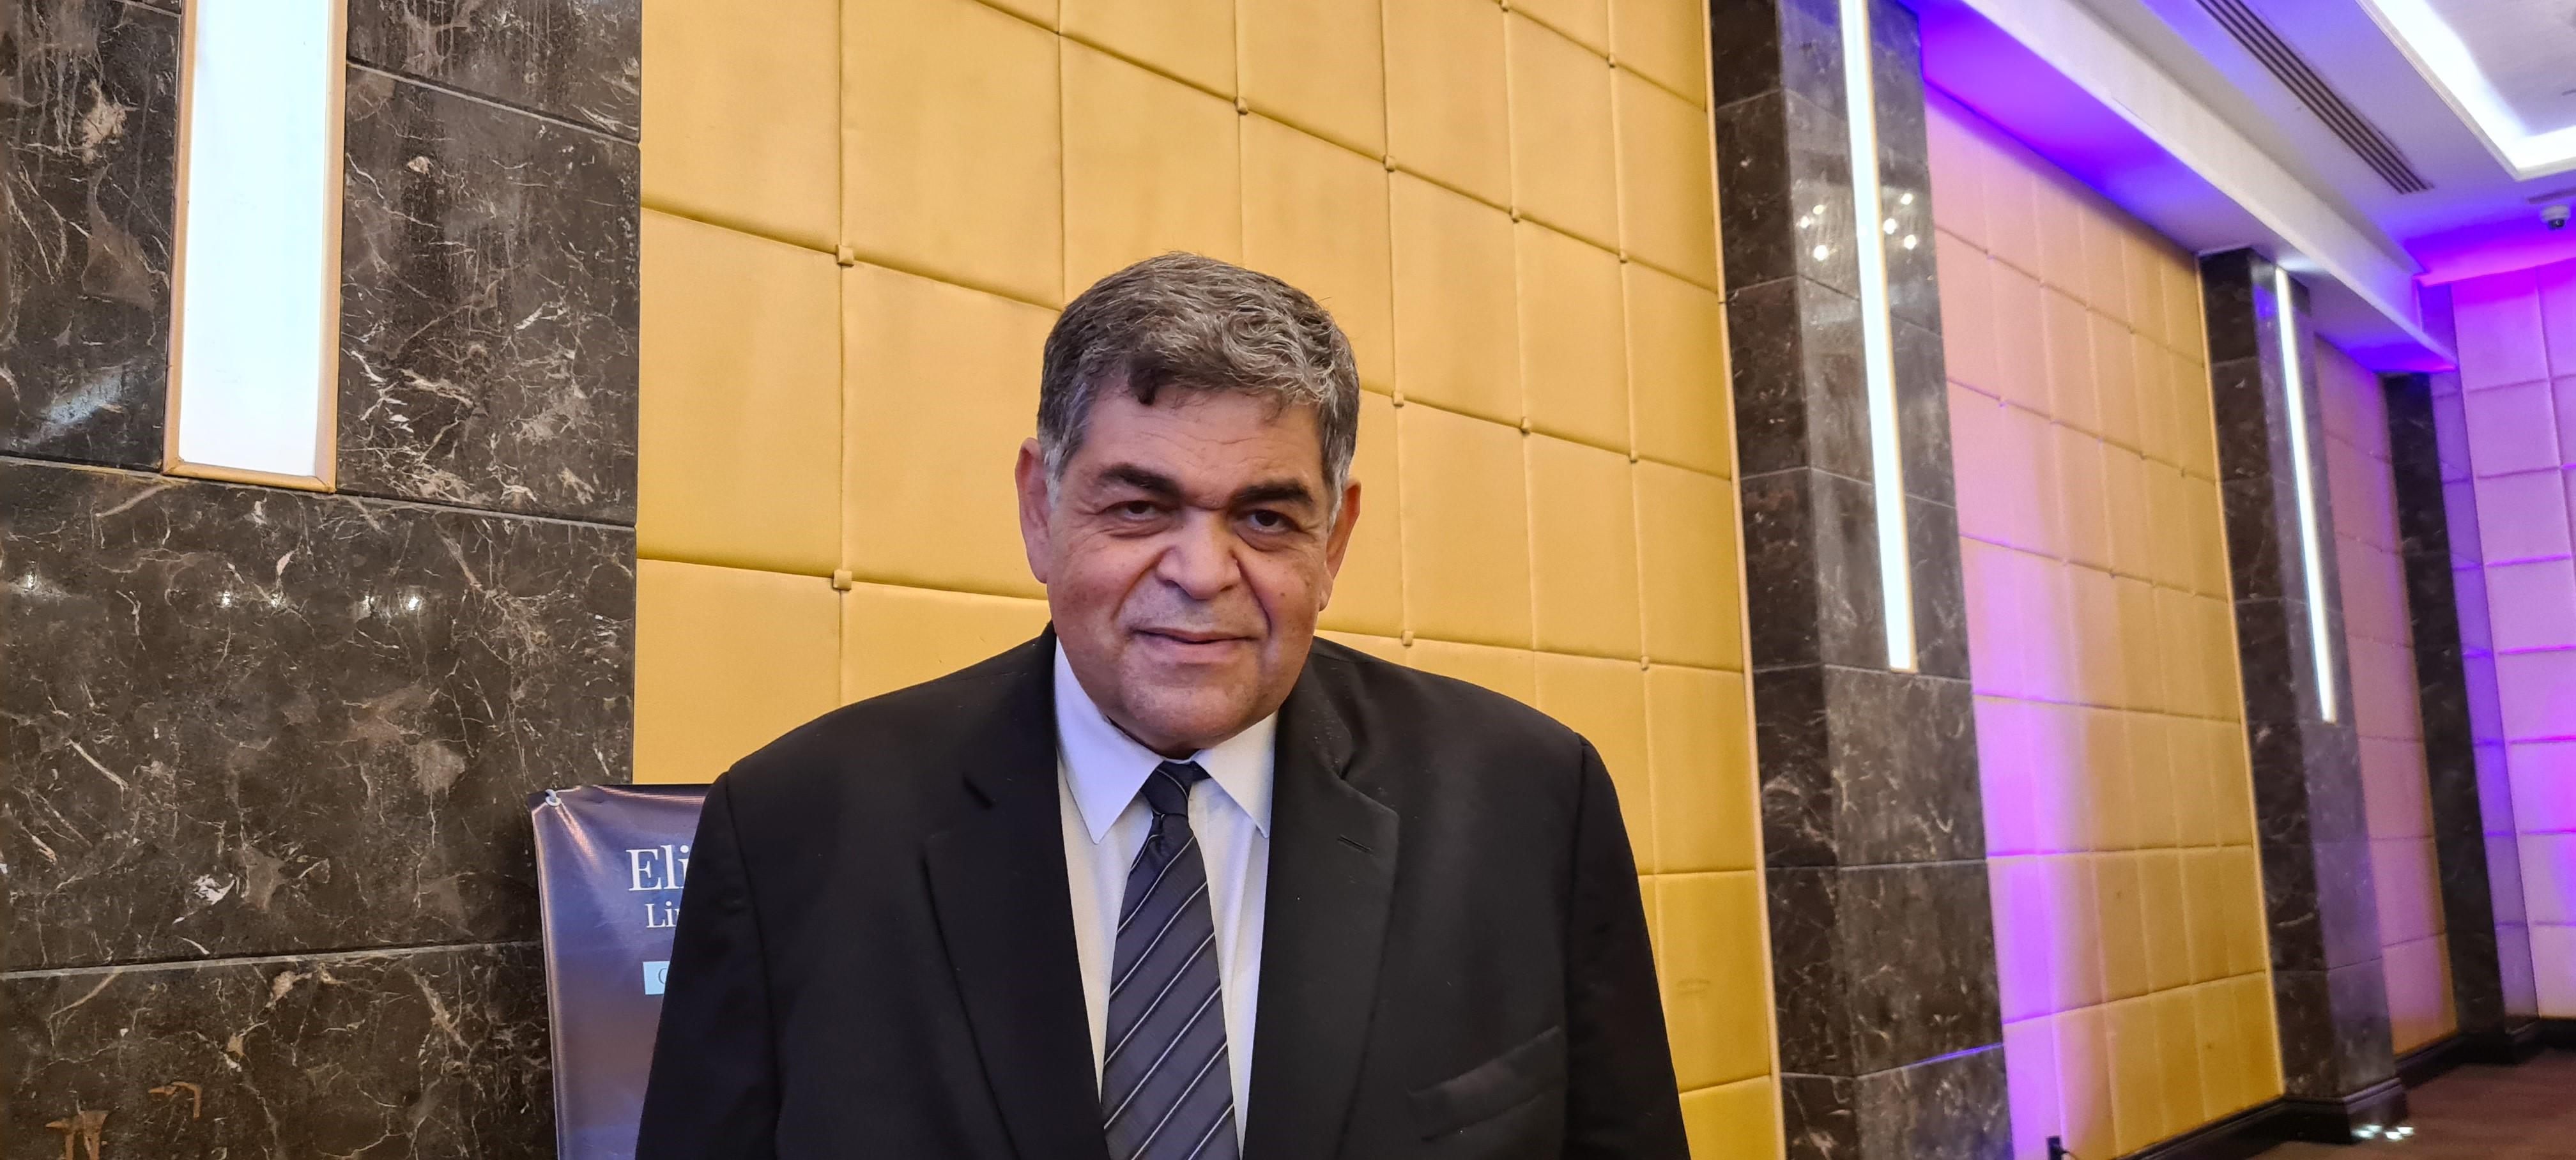 Dr. Ashraf Hatem, former Minister of Health